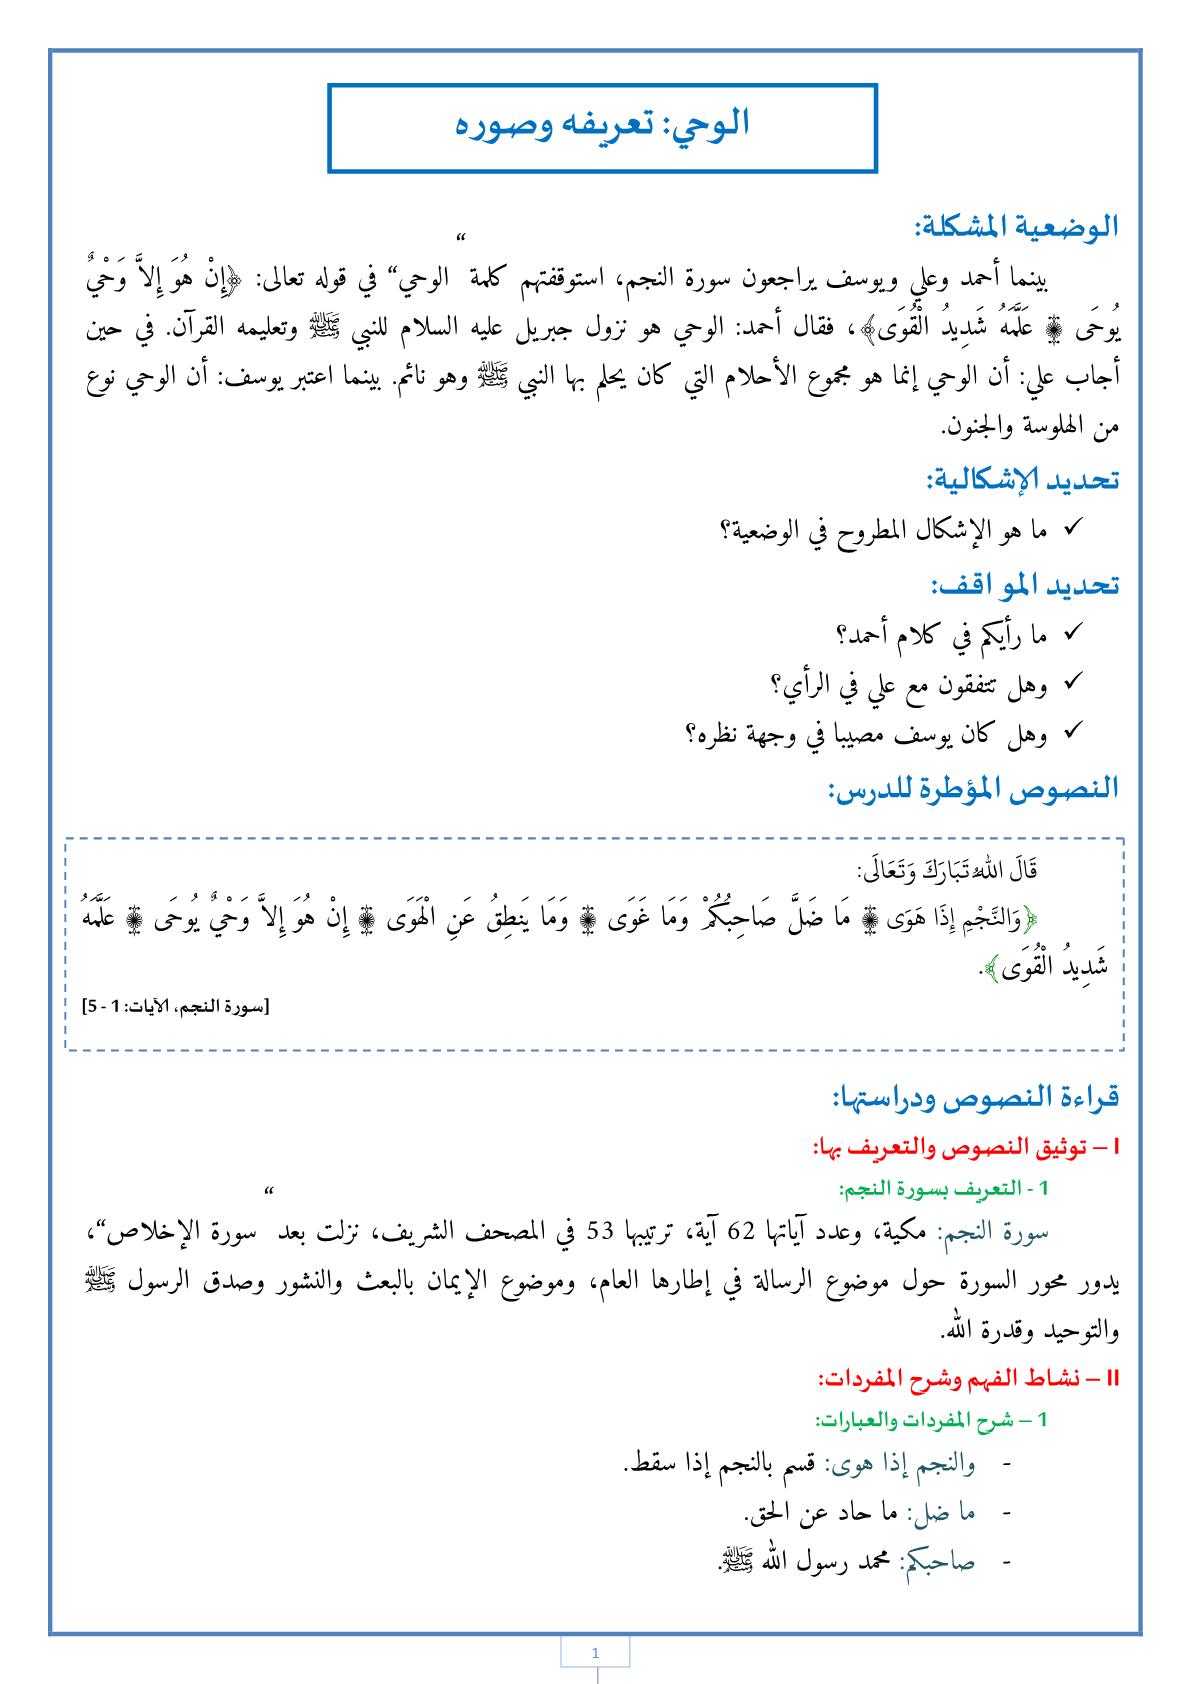 درس الوحي: تعريفه وصوره مادة التربية الإسلامية